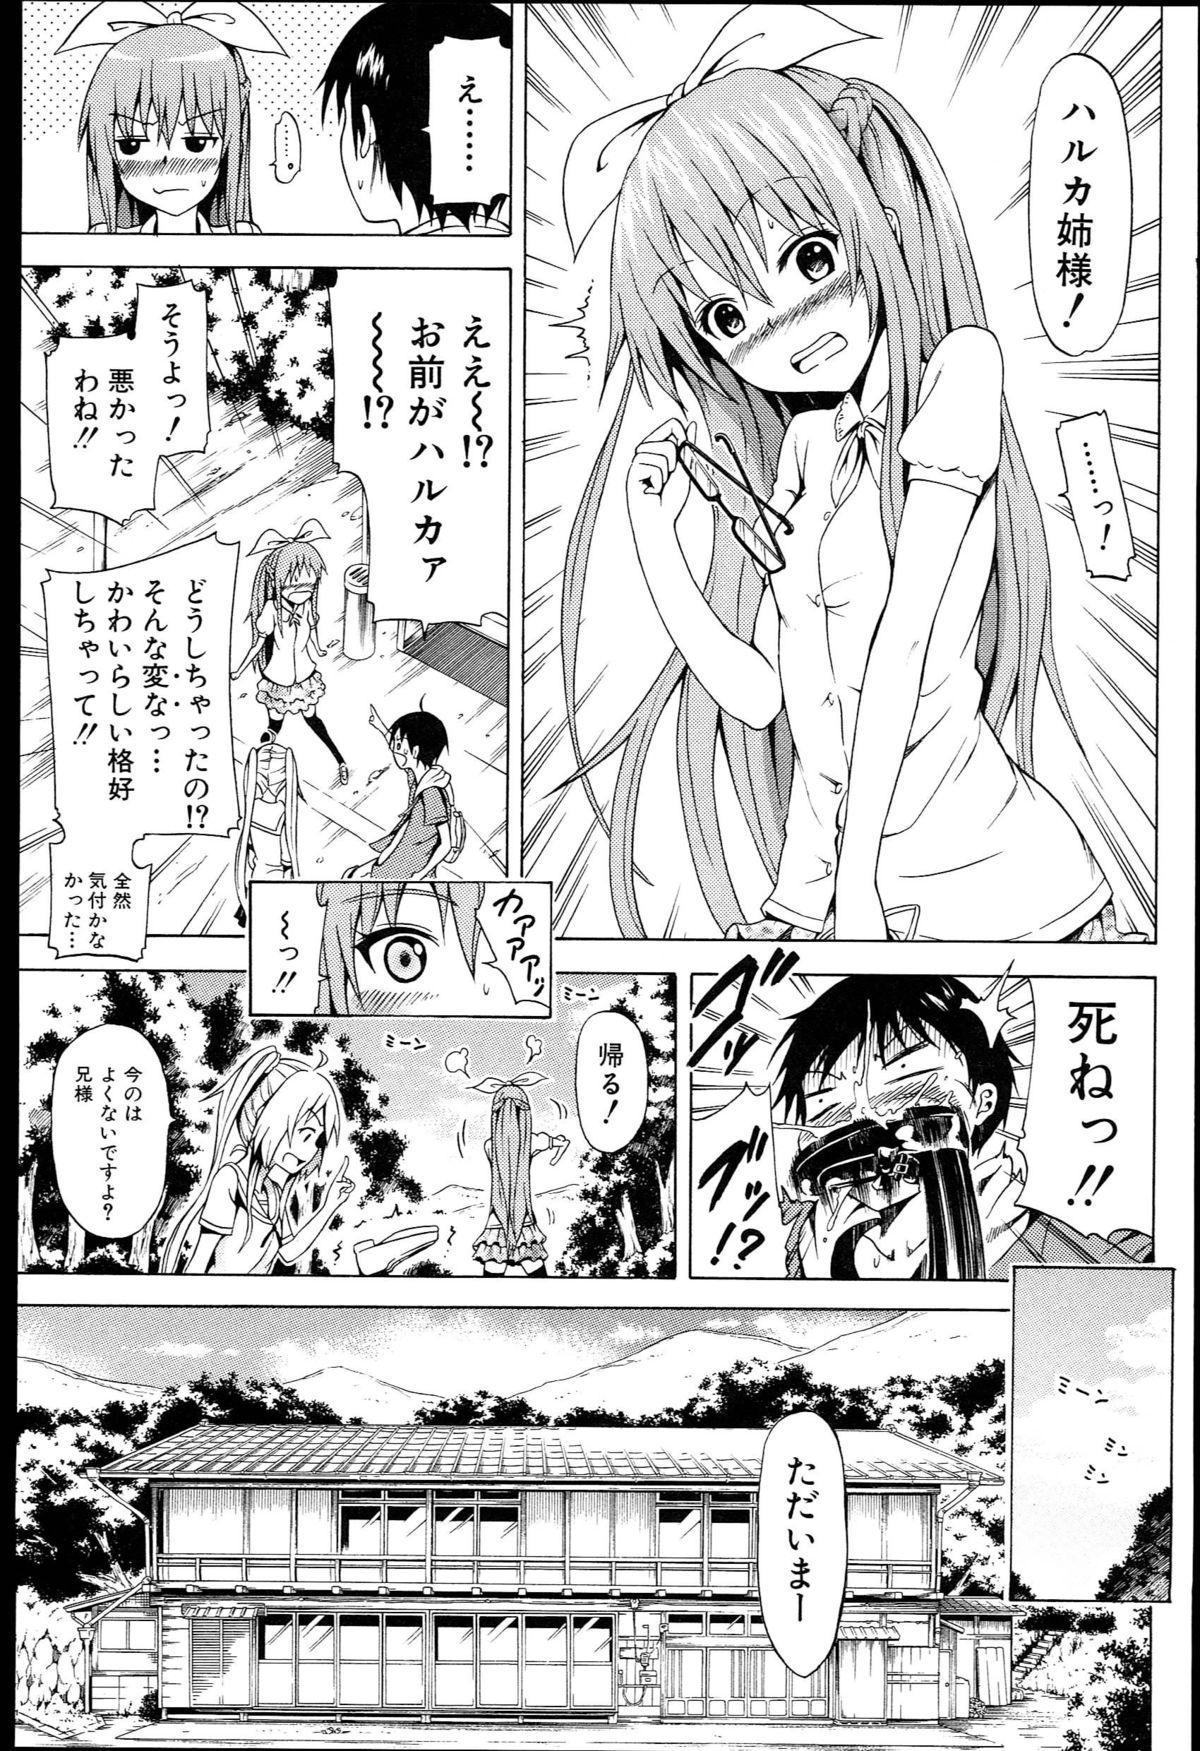 Natsumitsu x Harem + Melonbooks Gentei Shousasshi 16